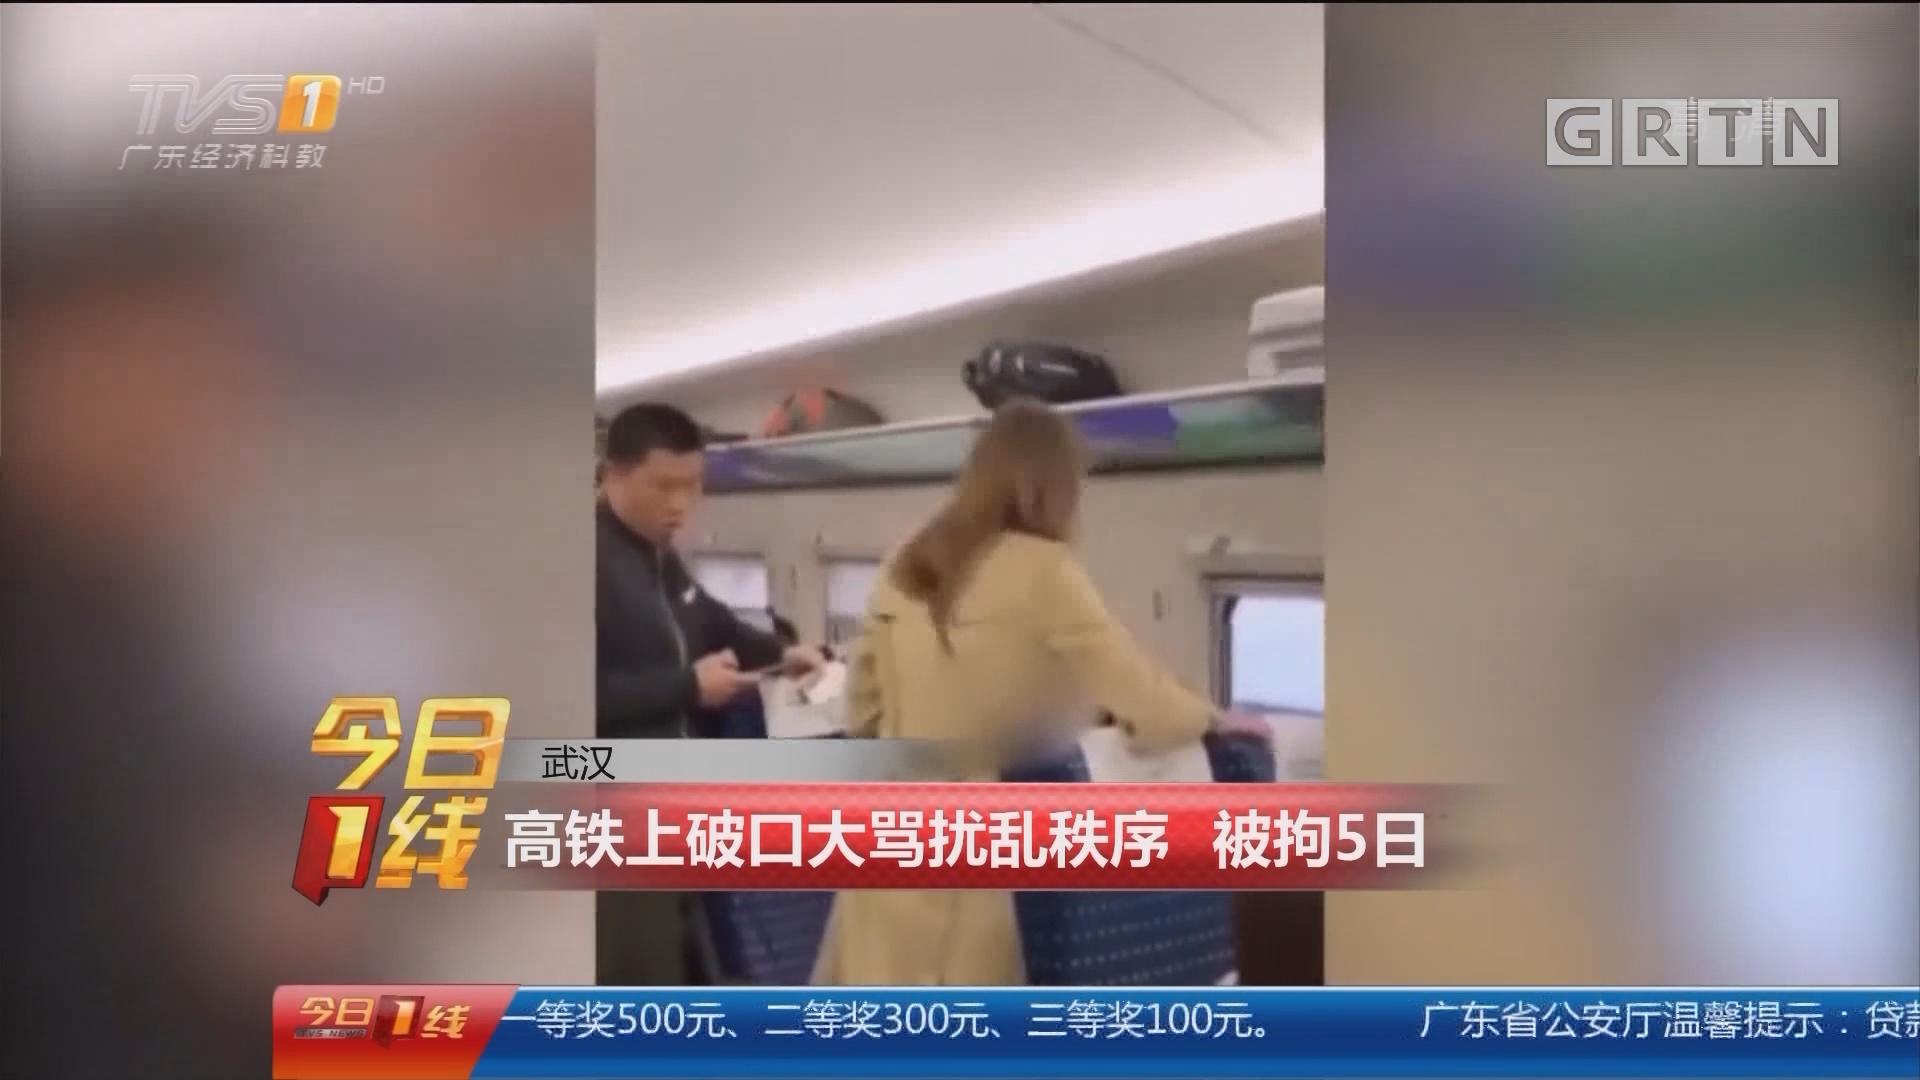 武汉:高铁上破口大骂扰乱秩序 被拘5日